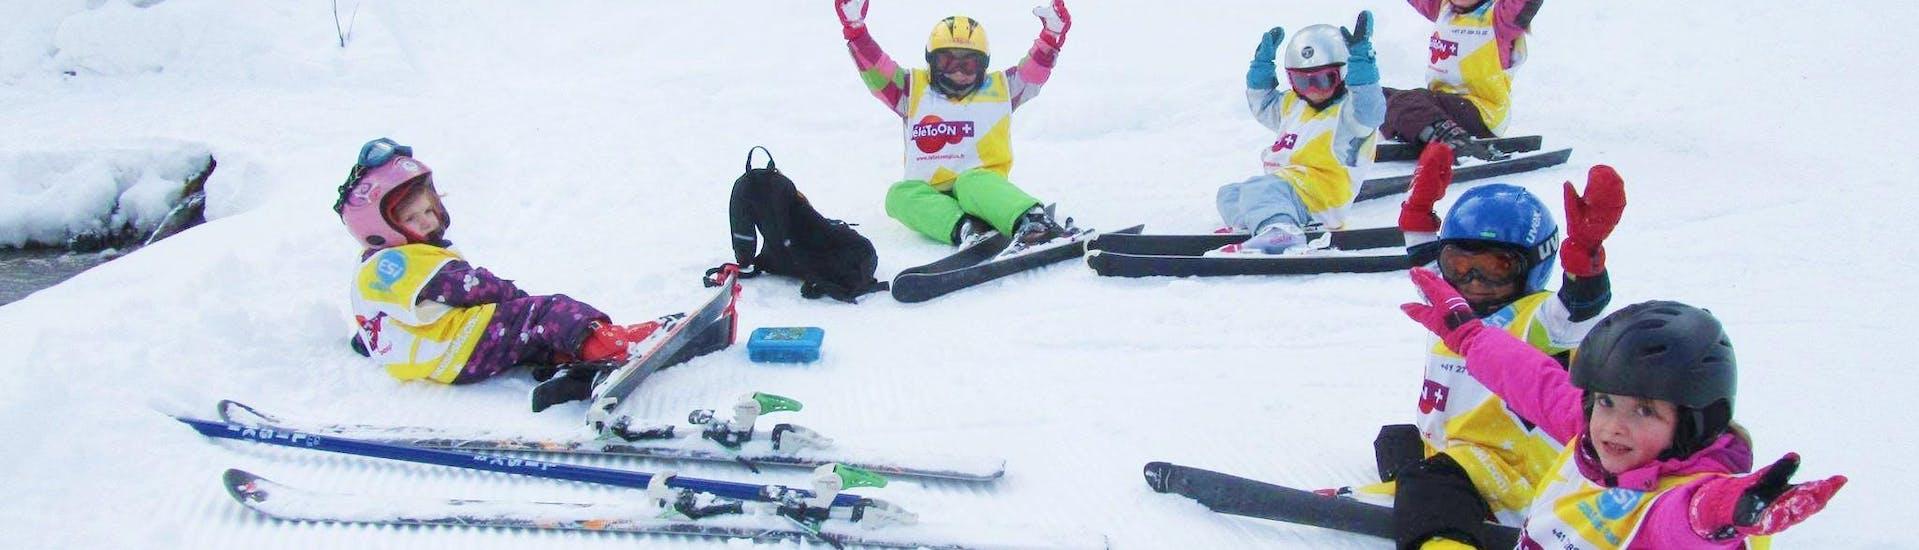 kids-ski-lessons-4-12-years-esi-arc-en-ciel-siviez-hero